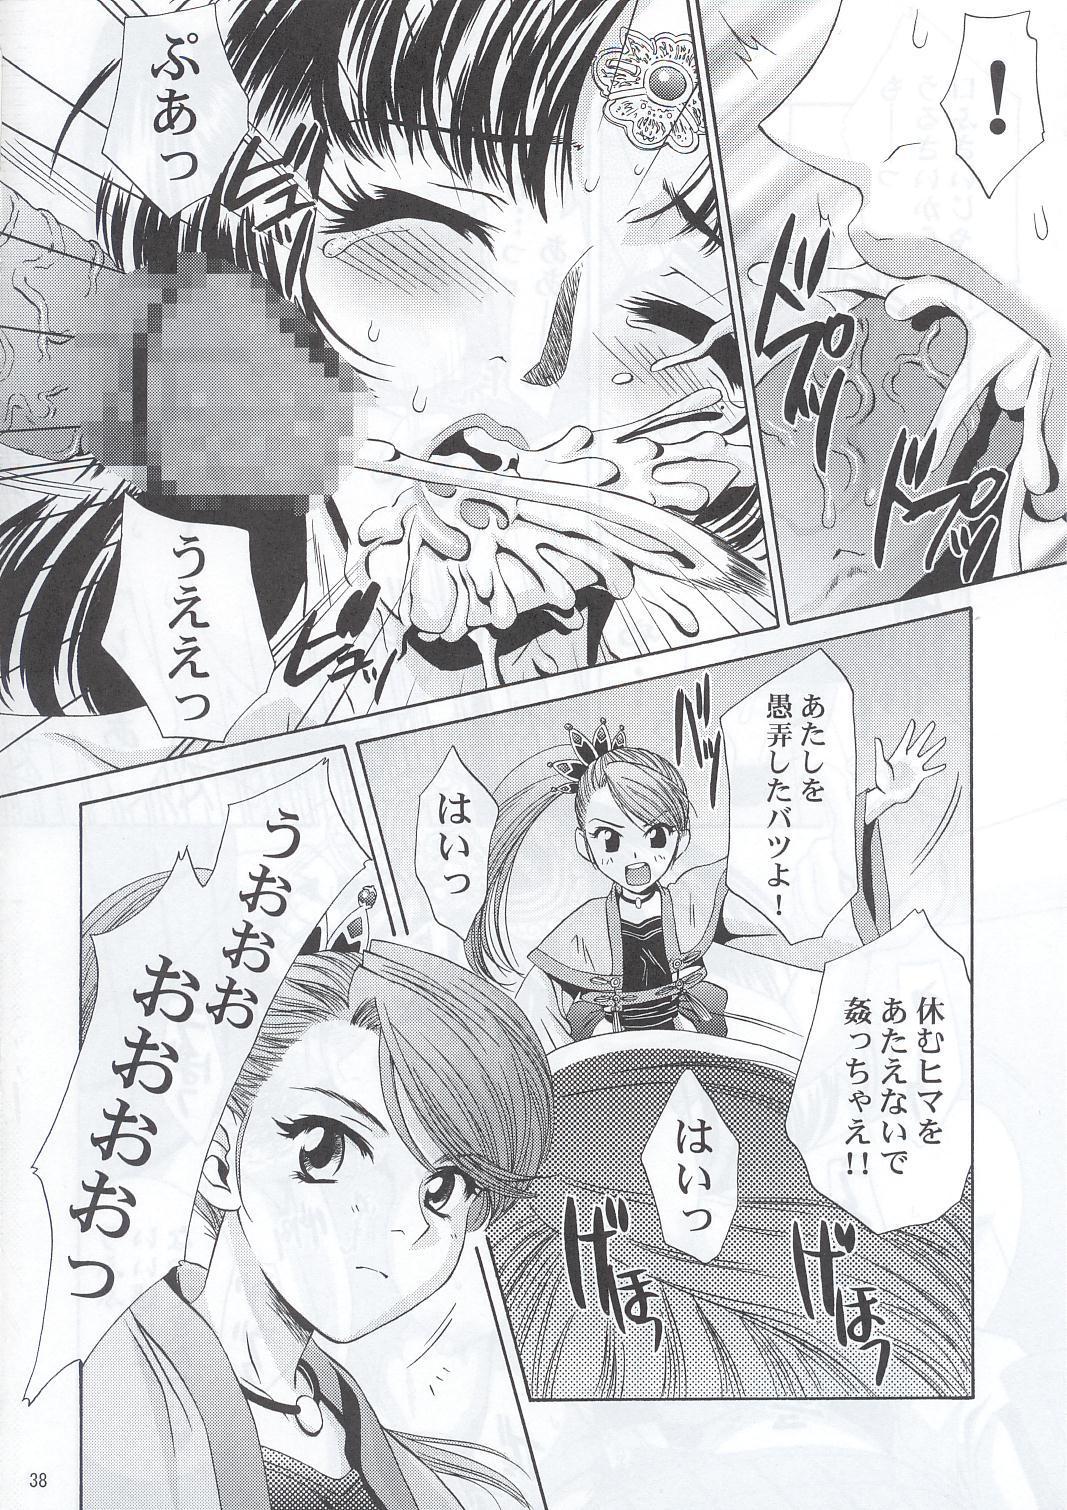 In Sangoku Musou 36